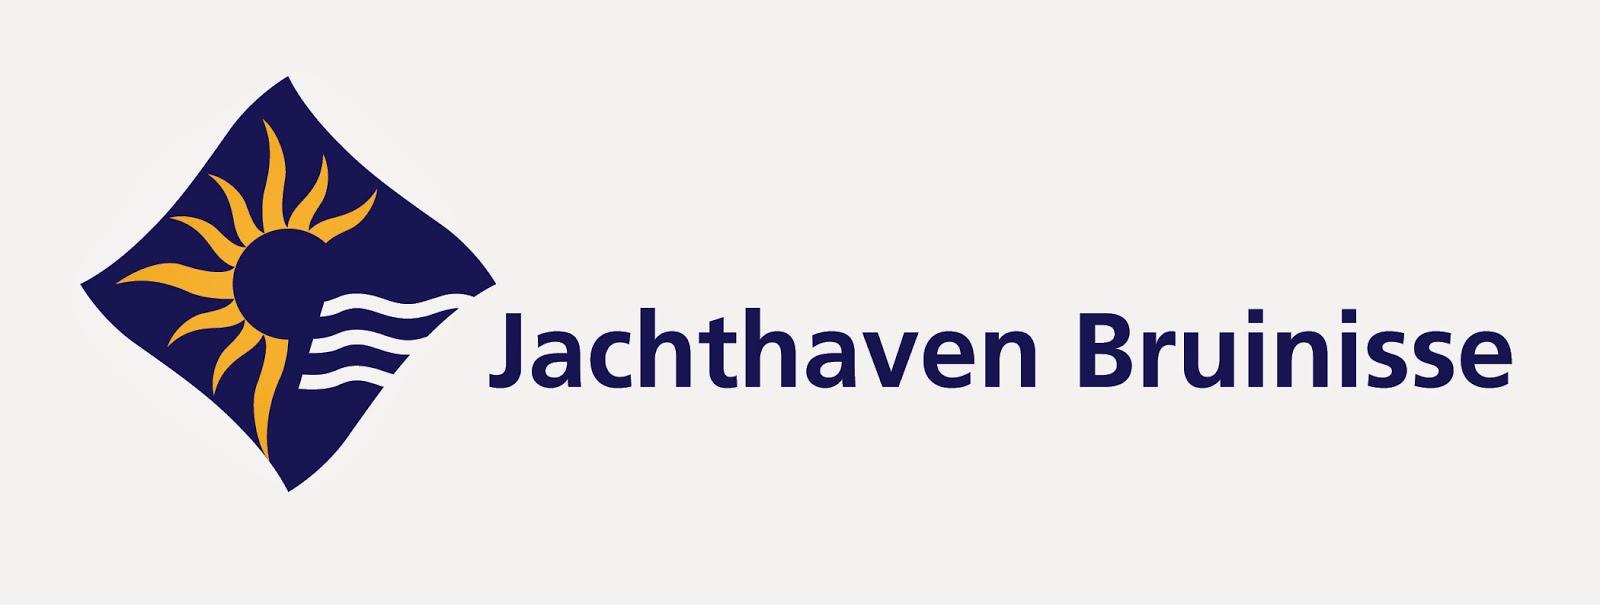 www.jachthavenbruinisse.nl